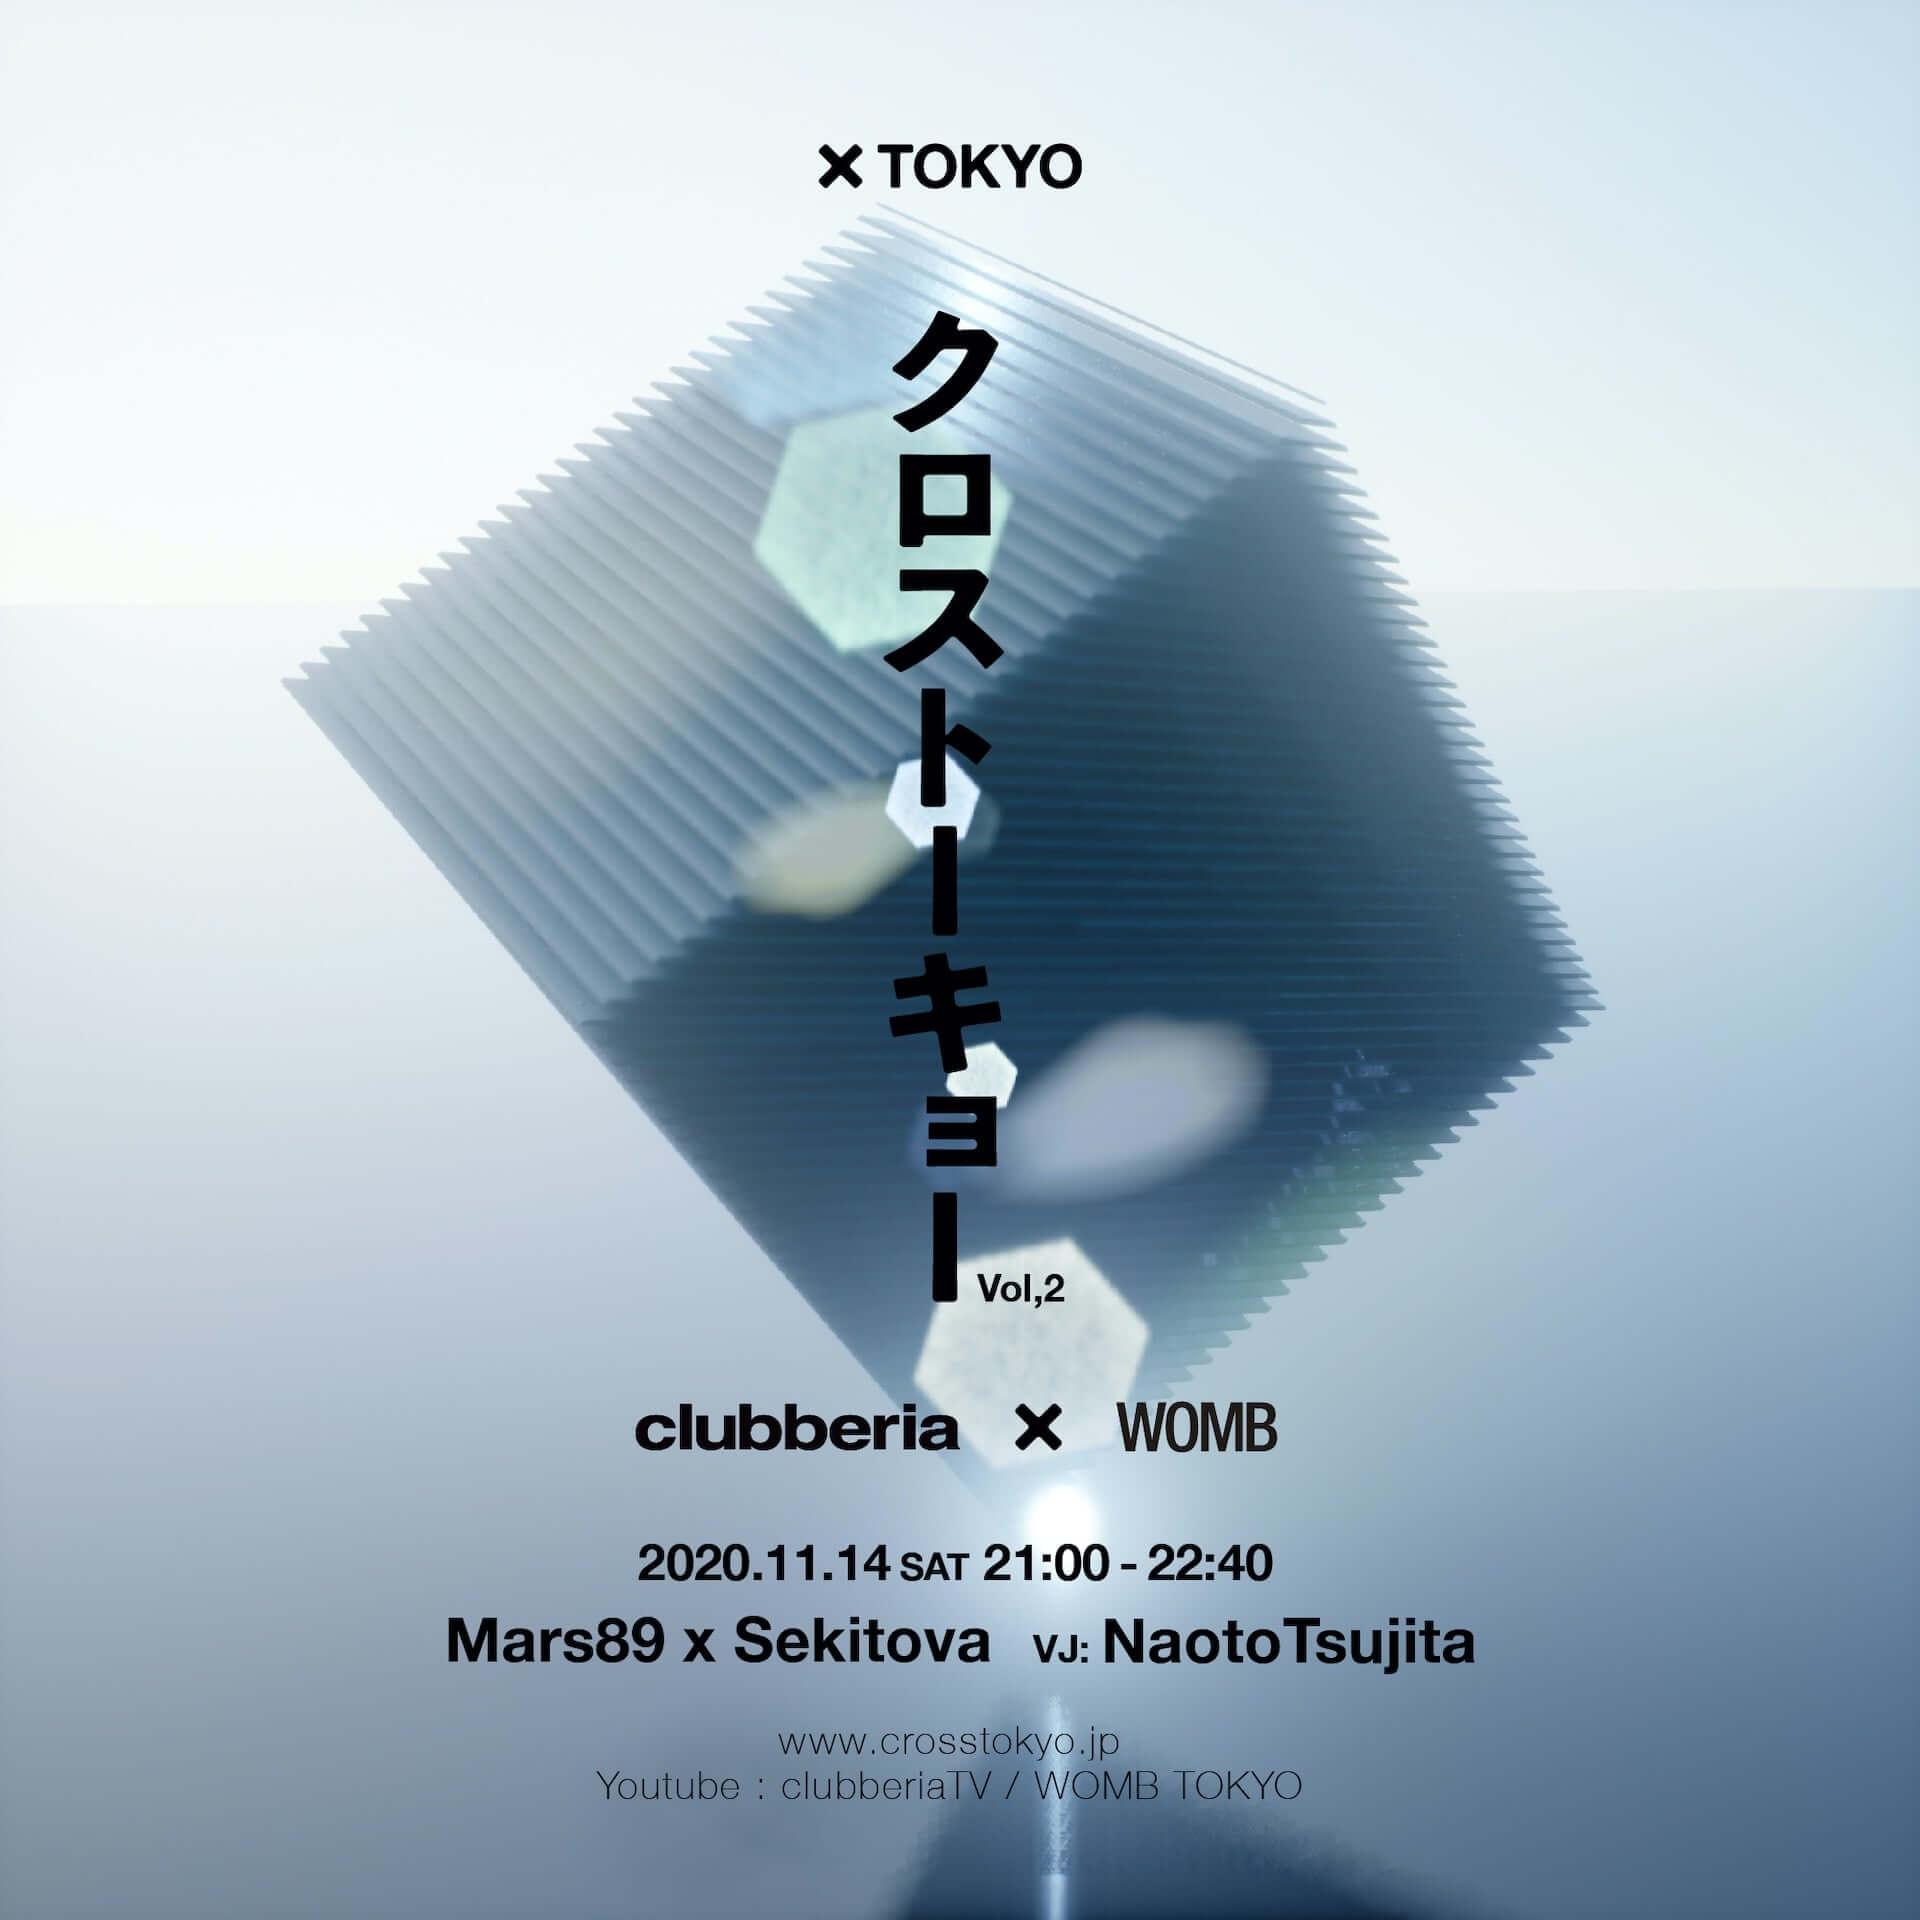 clubberiaとWOMBによるプロジェクト<クロストーキョー>第2弾が開催決定!SEKITOVA、Mars89、NAOTO TSUJITAが出演 music201109_cross-tokyo_3-1920x1920